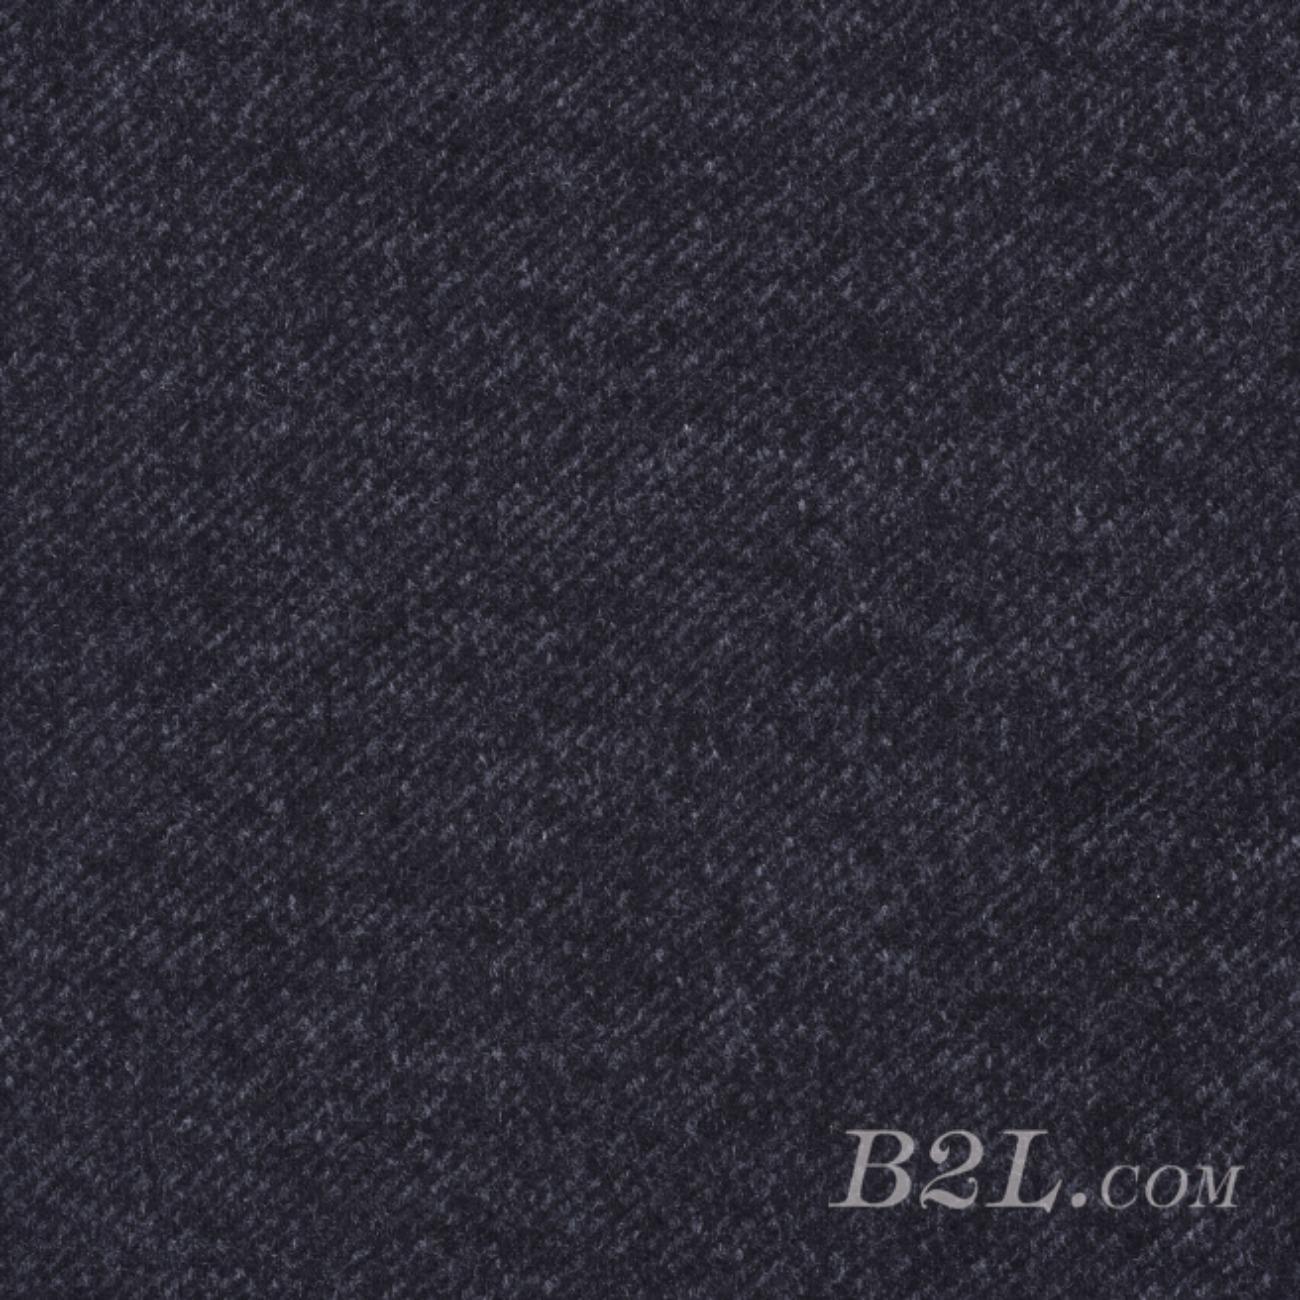 素色 针织 弹力 斜纹 春秋 T恤 时装 裤装 90912-28